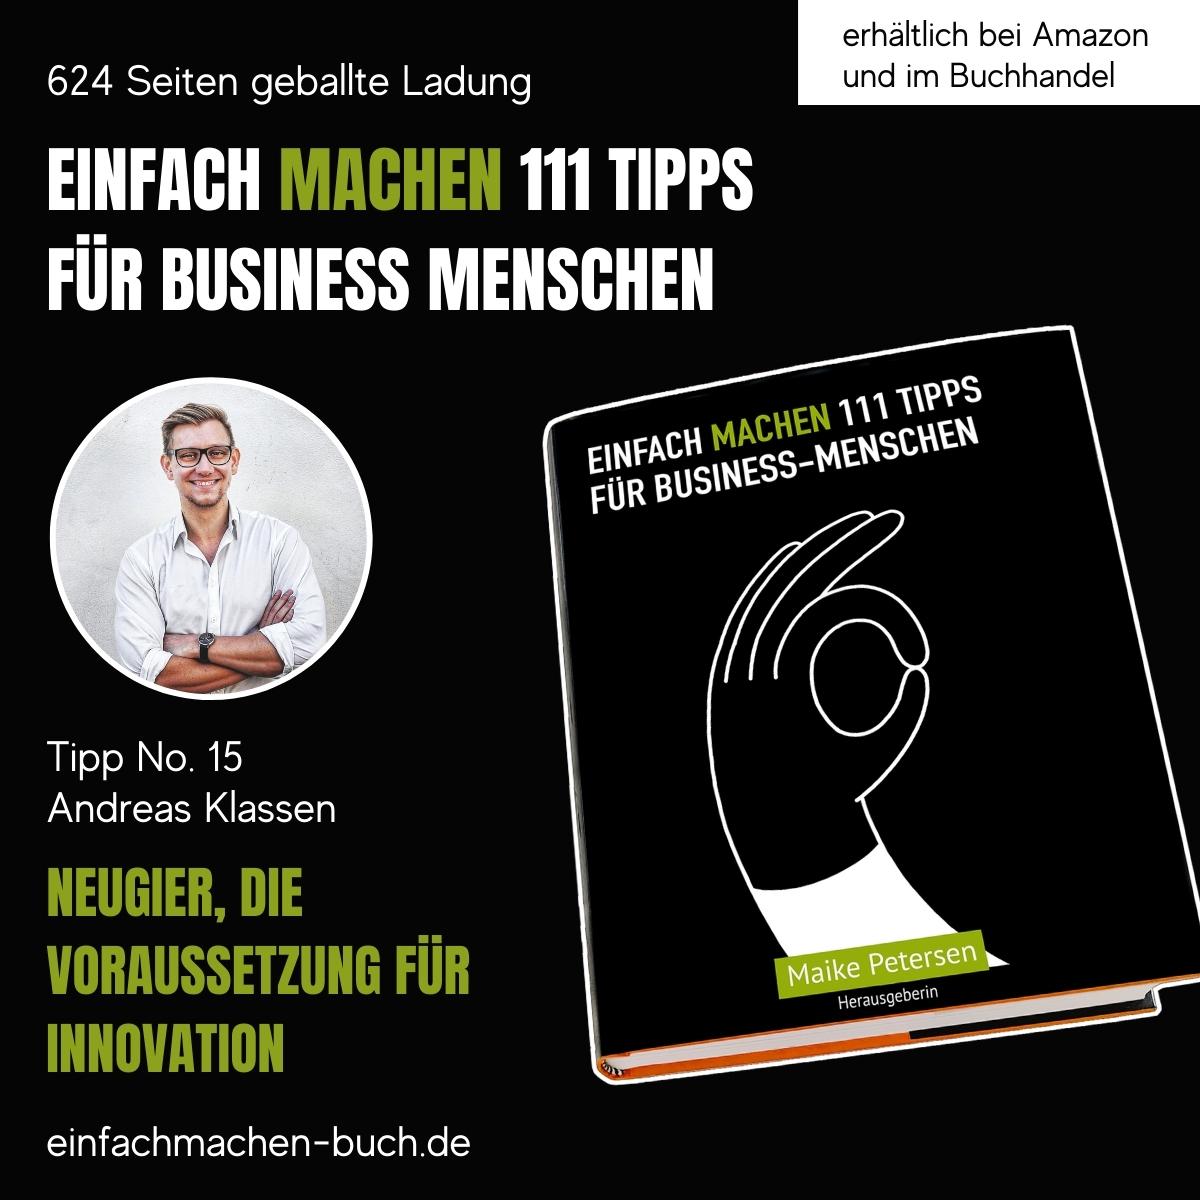 EINFACH MACHEN 111 TIPPS FÜR BUSINESS-MENSCHEN | Tipp No. 15 Andreas Klassen